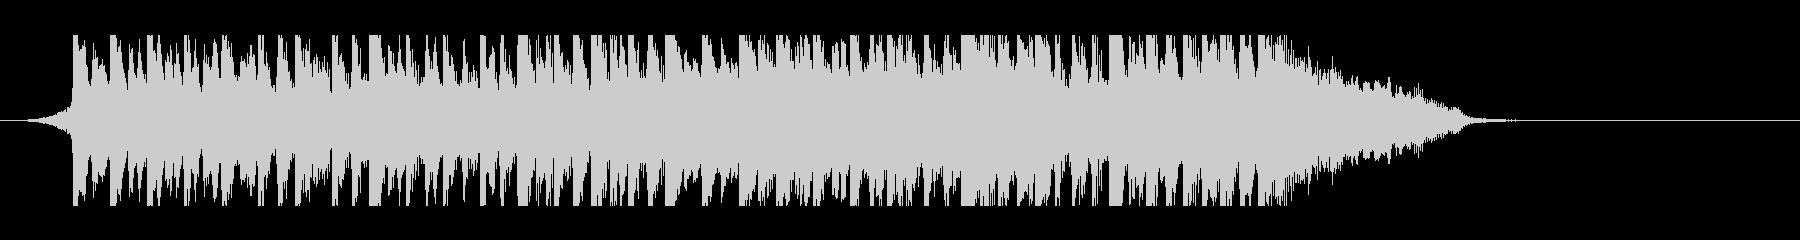 パッヘルベルのカノン・コーポレート風の未再生の波形